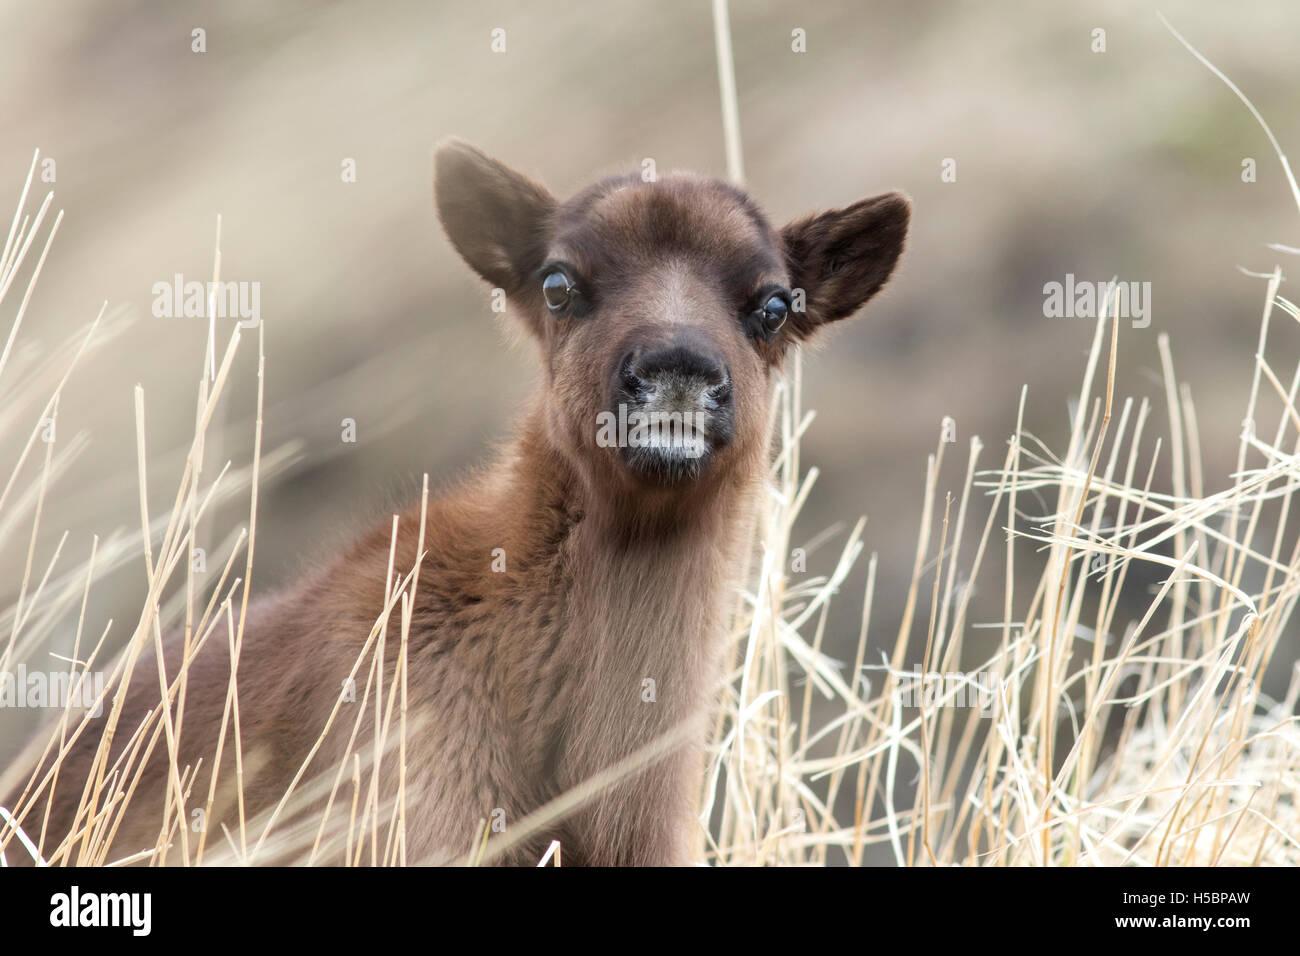 Retrato de reno ternera día nublado en el césped Imagen De Stock